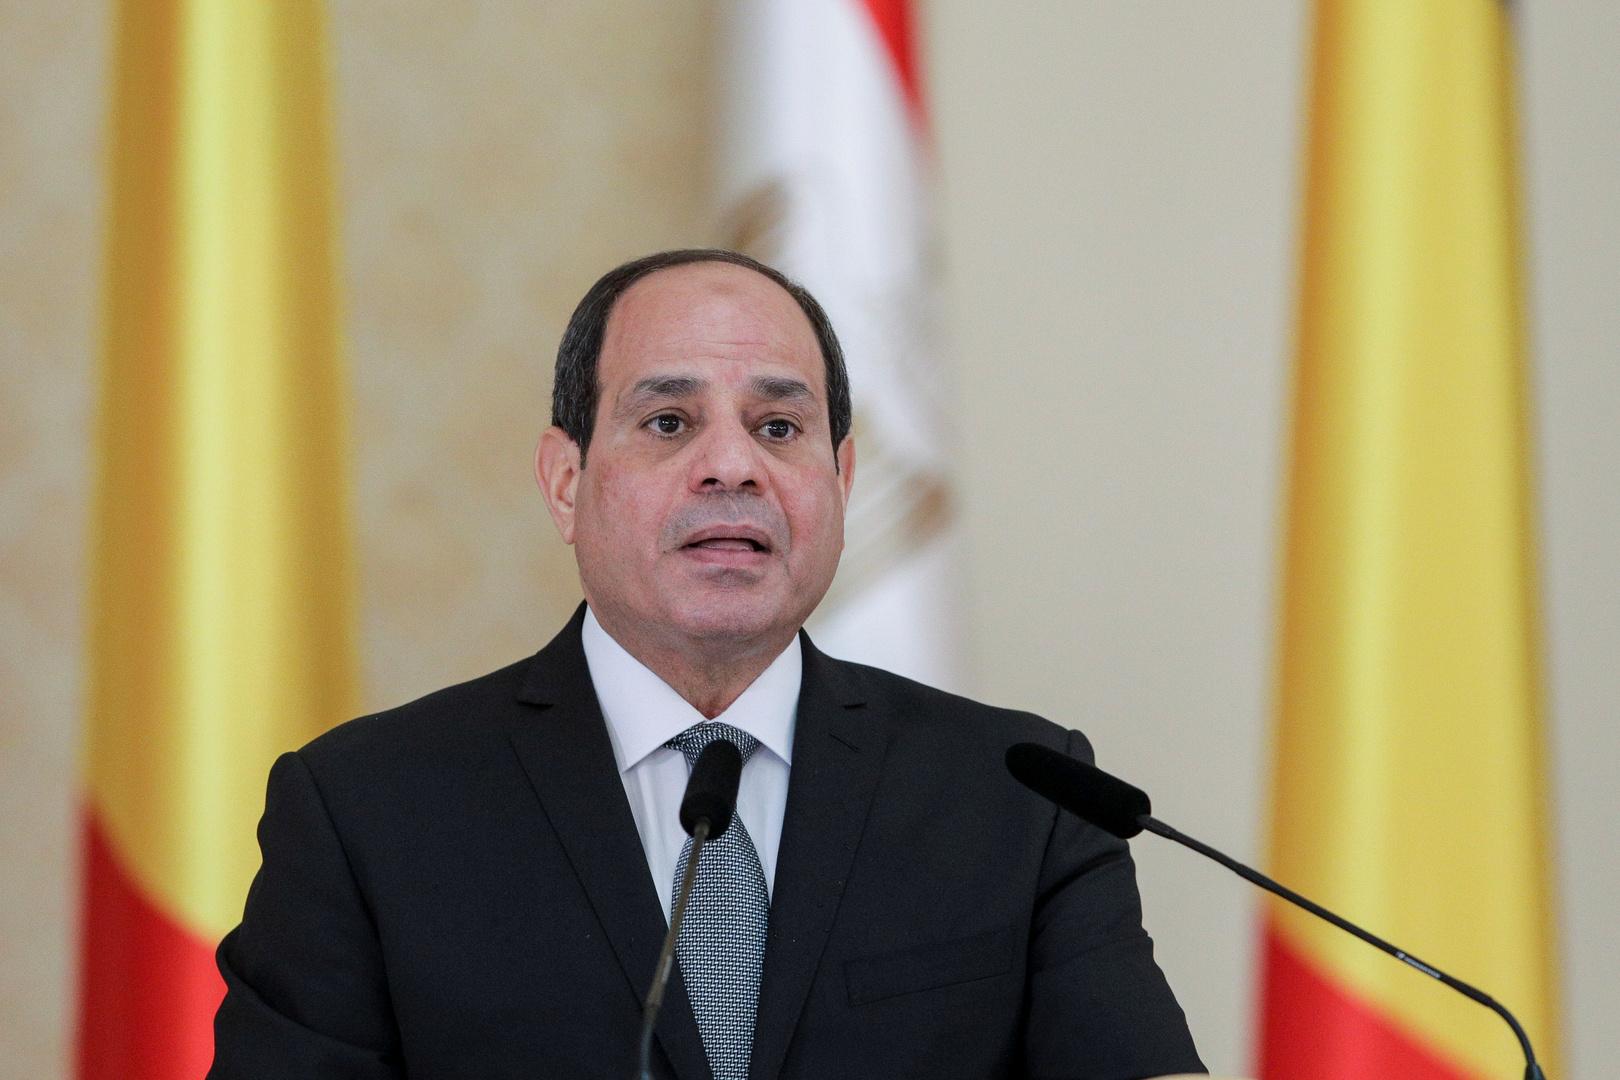 السيسي ورئيس وزراء اليونان يحذران من تدخل أطراف خارجية في ليبيا